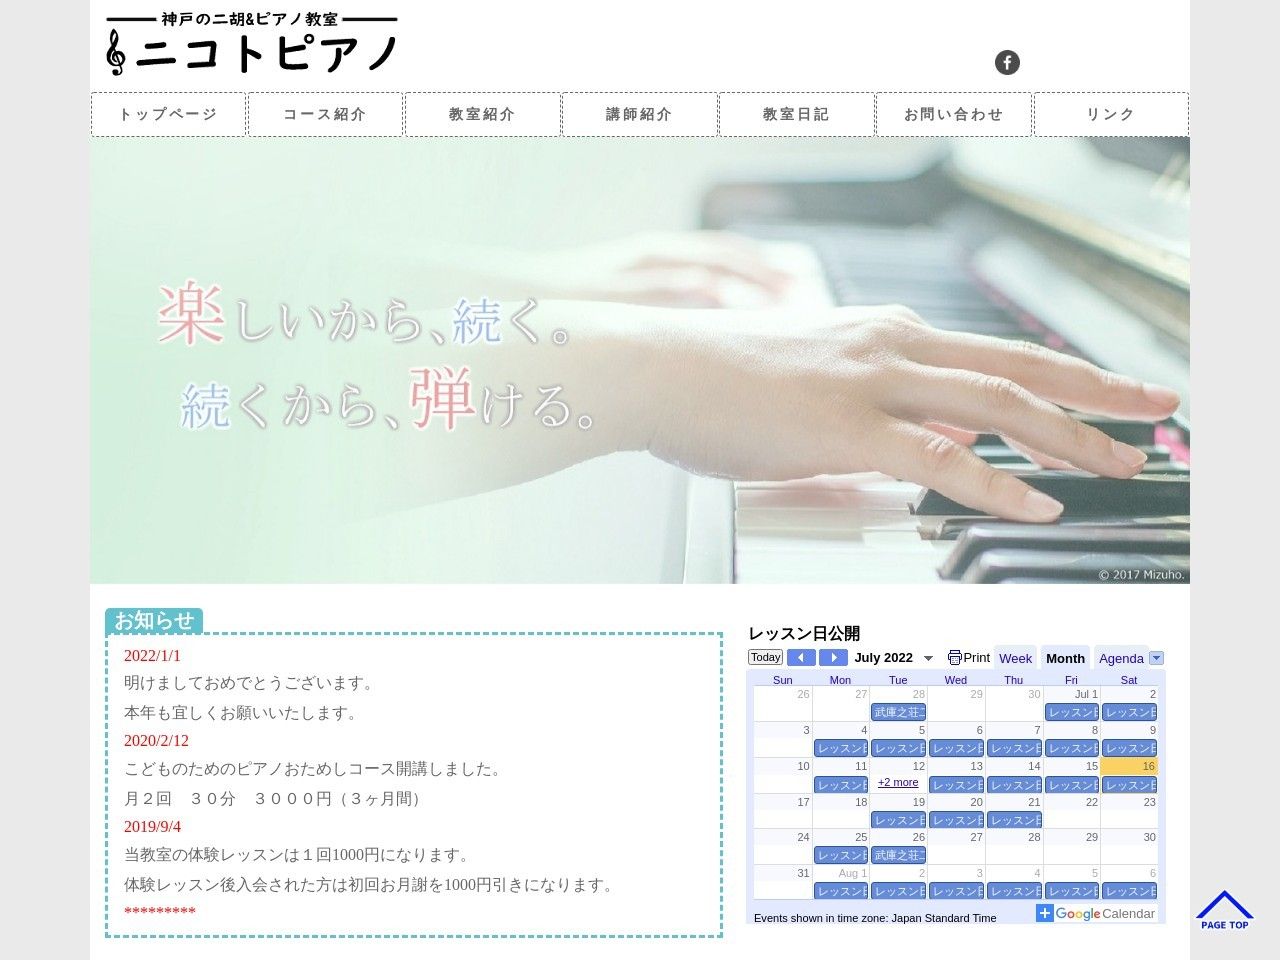 ニコトピアノ(南京町教室)のサムネイル